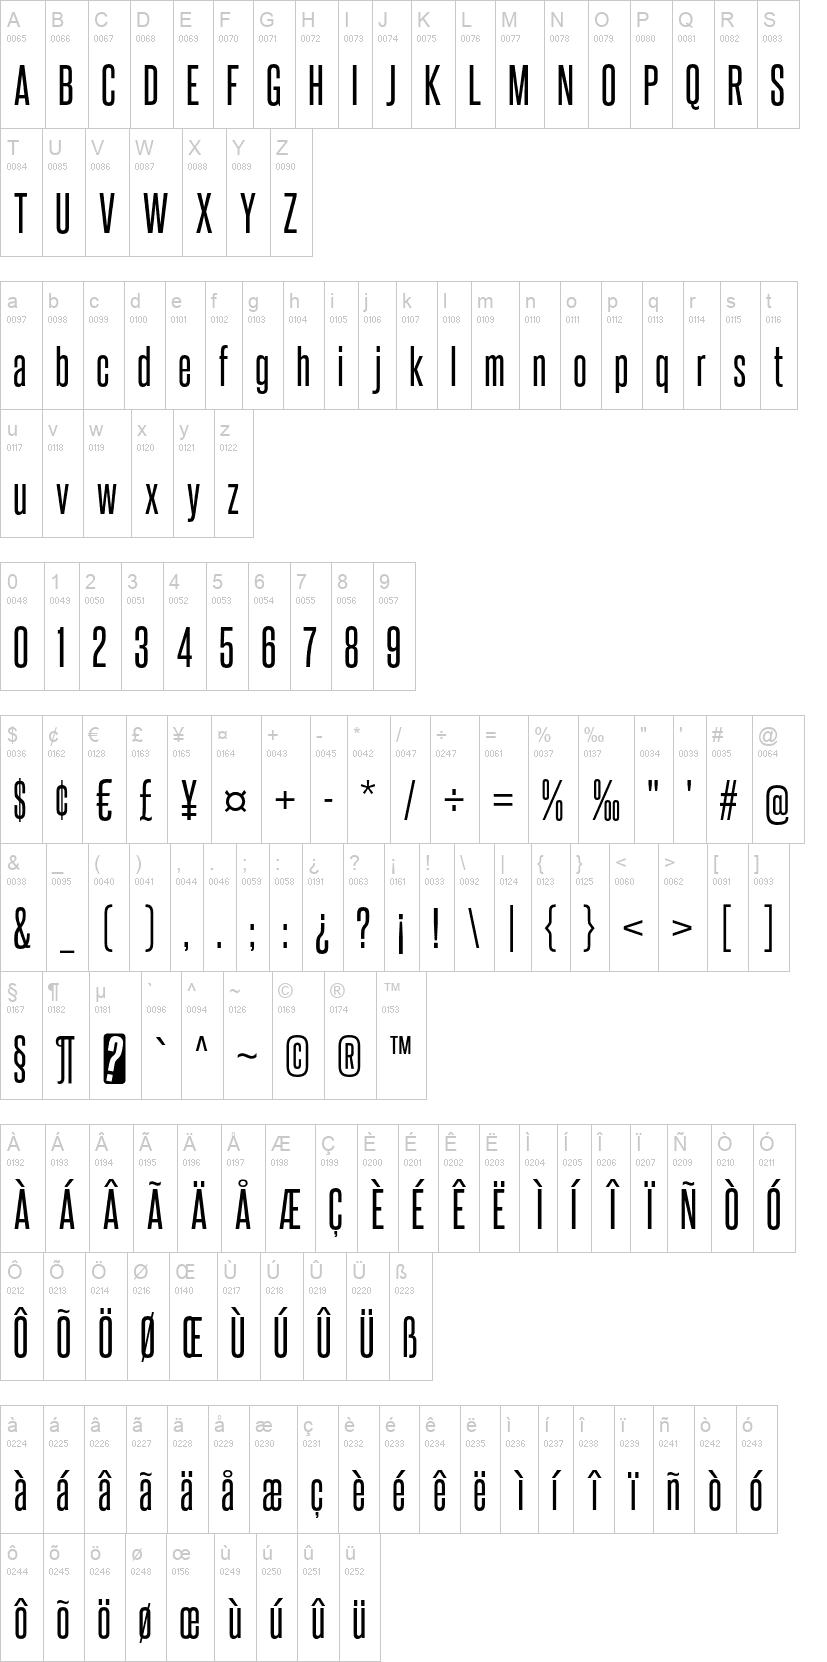 Steelfish Font | dafont com